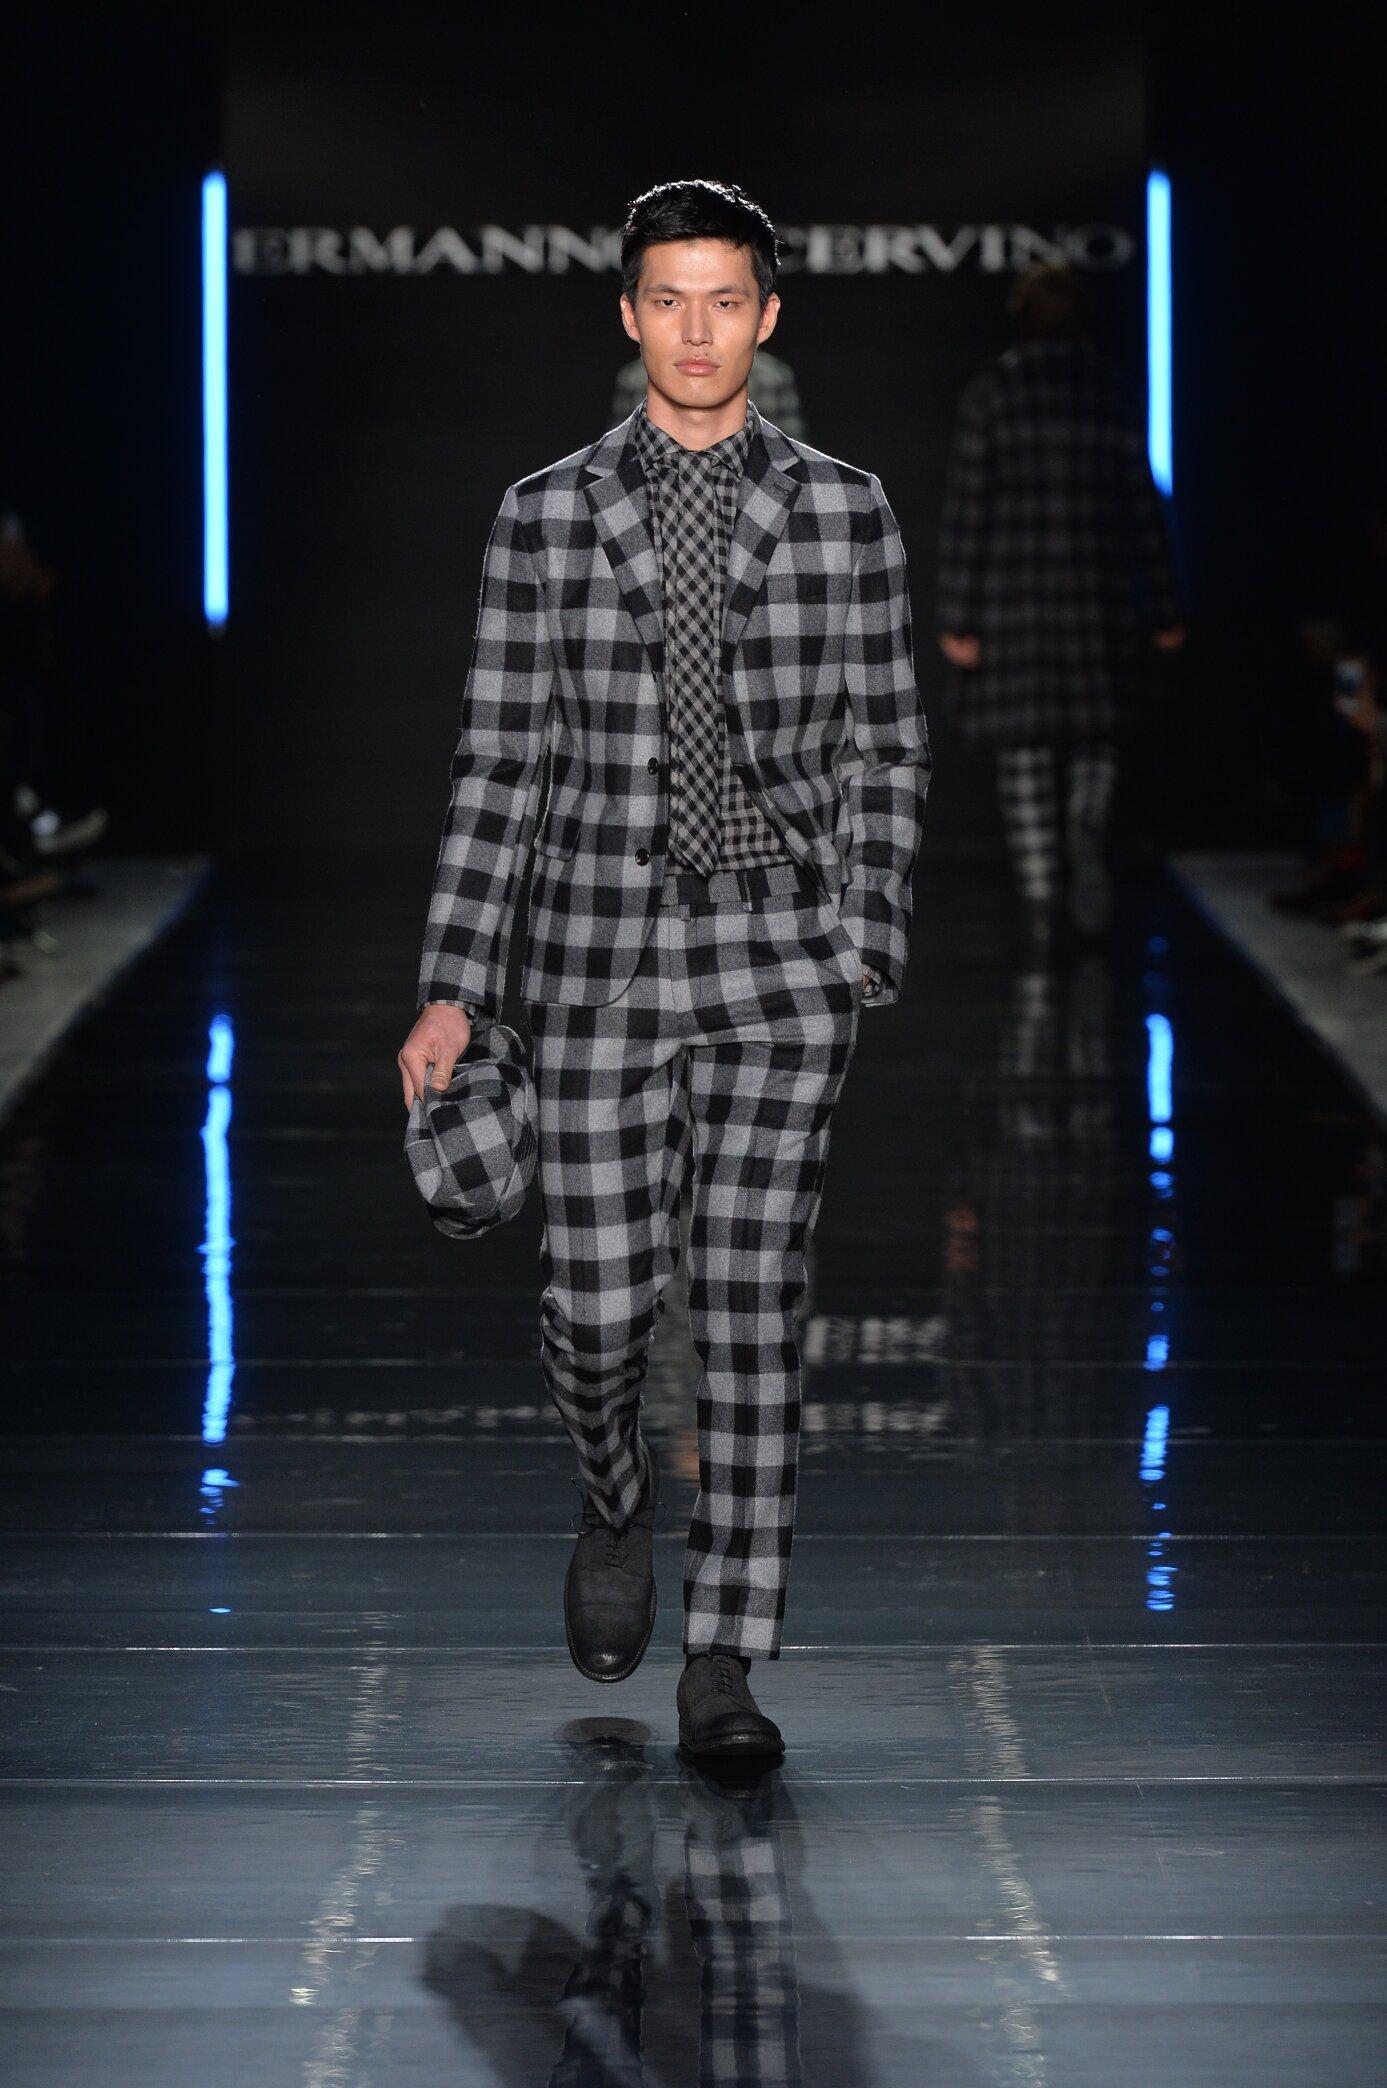 Winter 2014 Fashion Show Ermanno Scervino